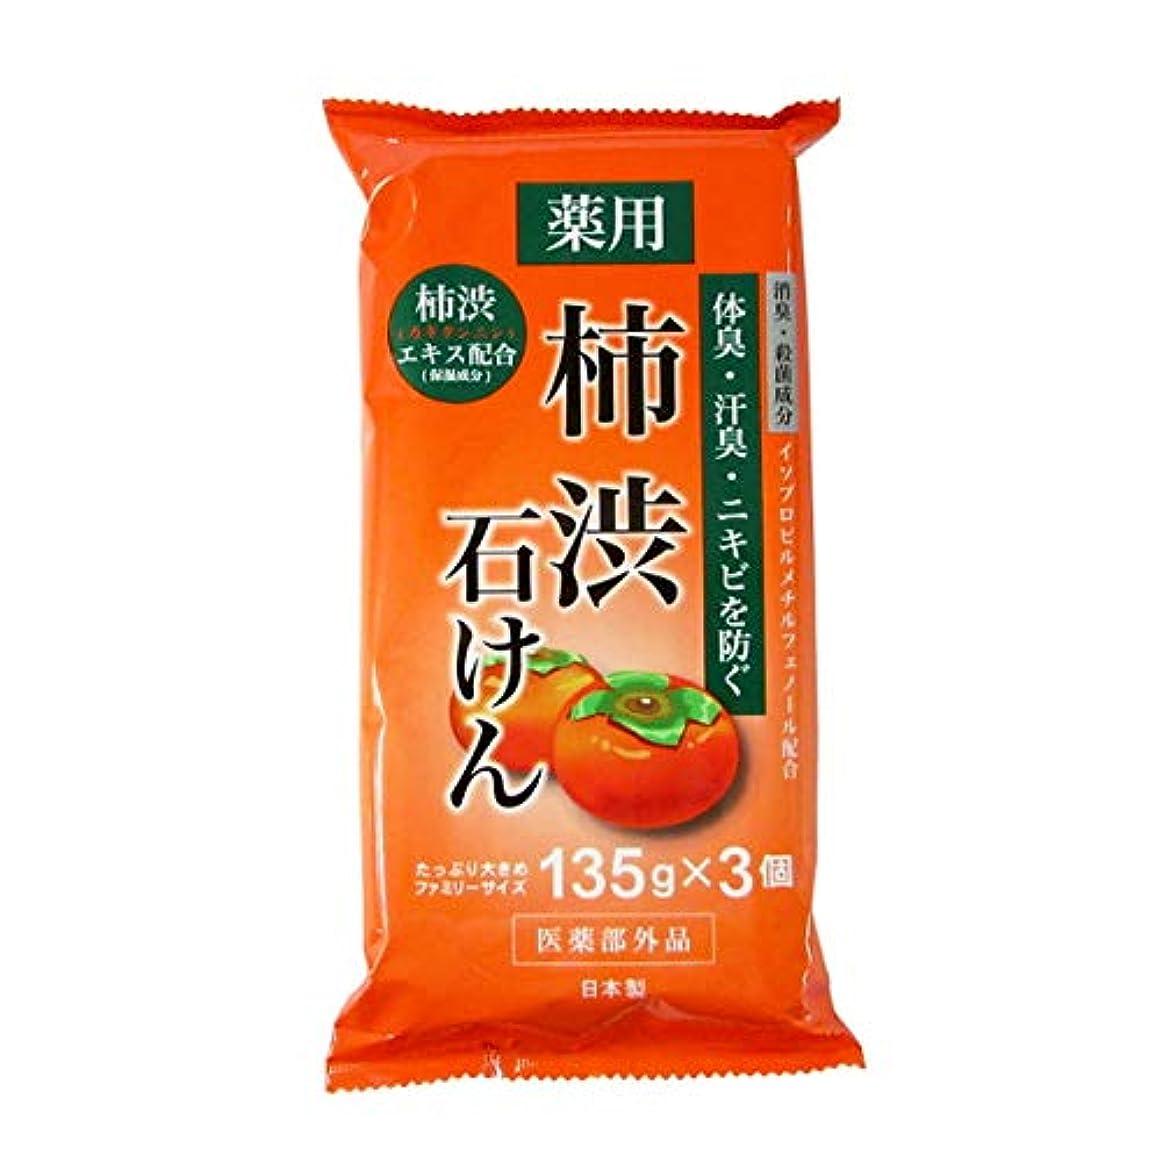 スピーカーハチ不倫【医薬部外品】薬用柿渋石けん 135gx3個